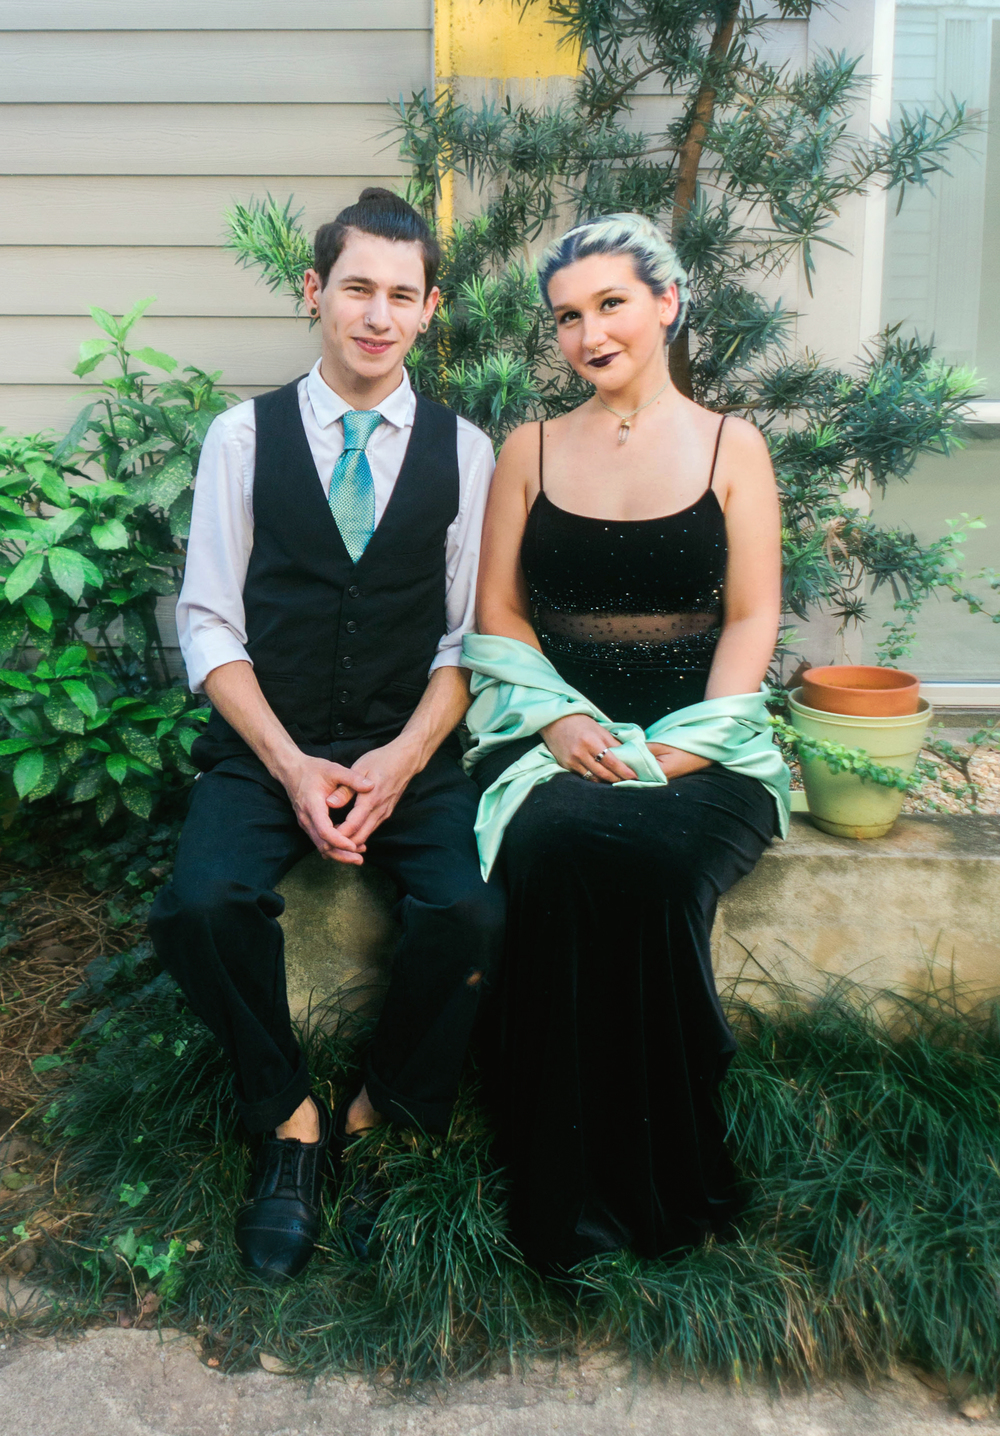 Karen Kelly Studios -Prom2016 - Skylar and Emily01.jpg